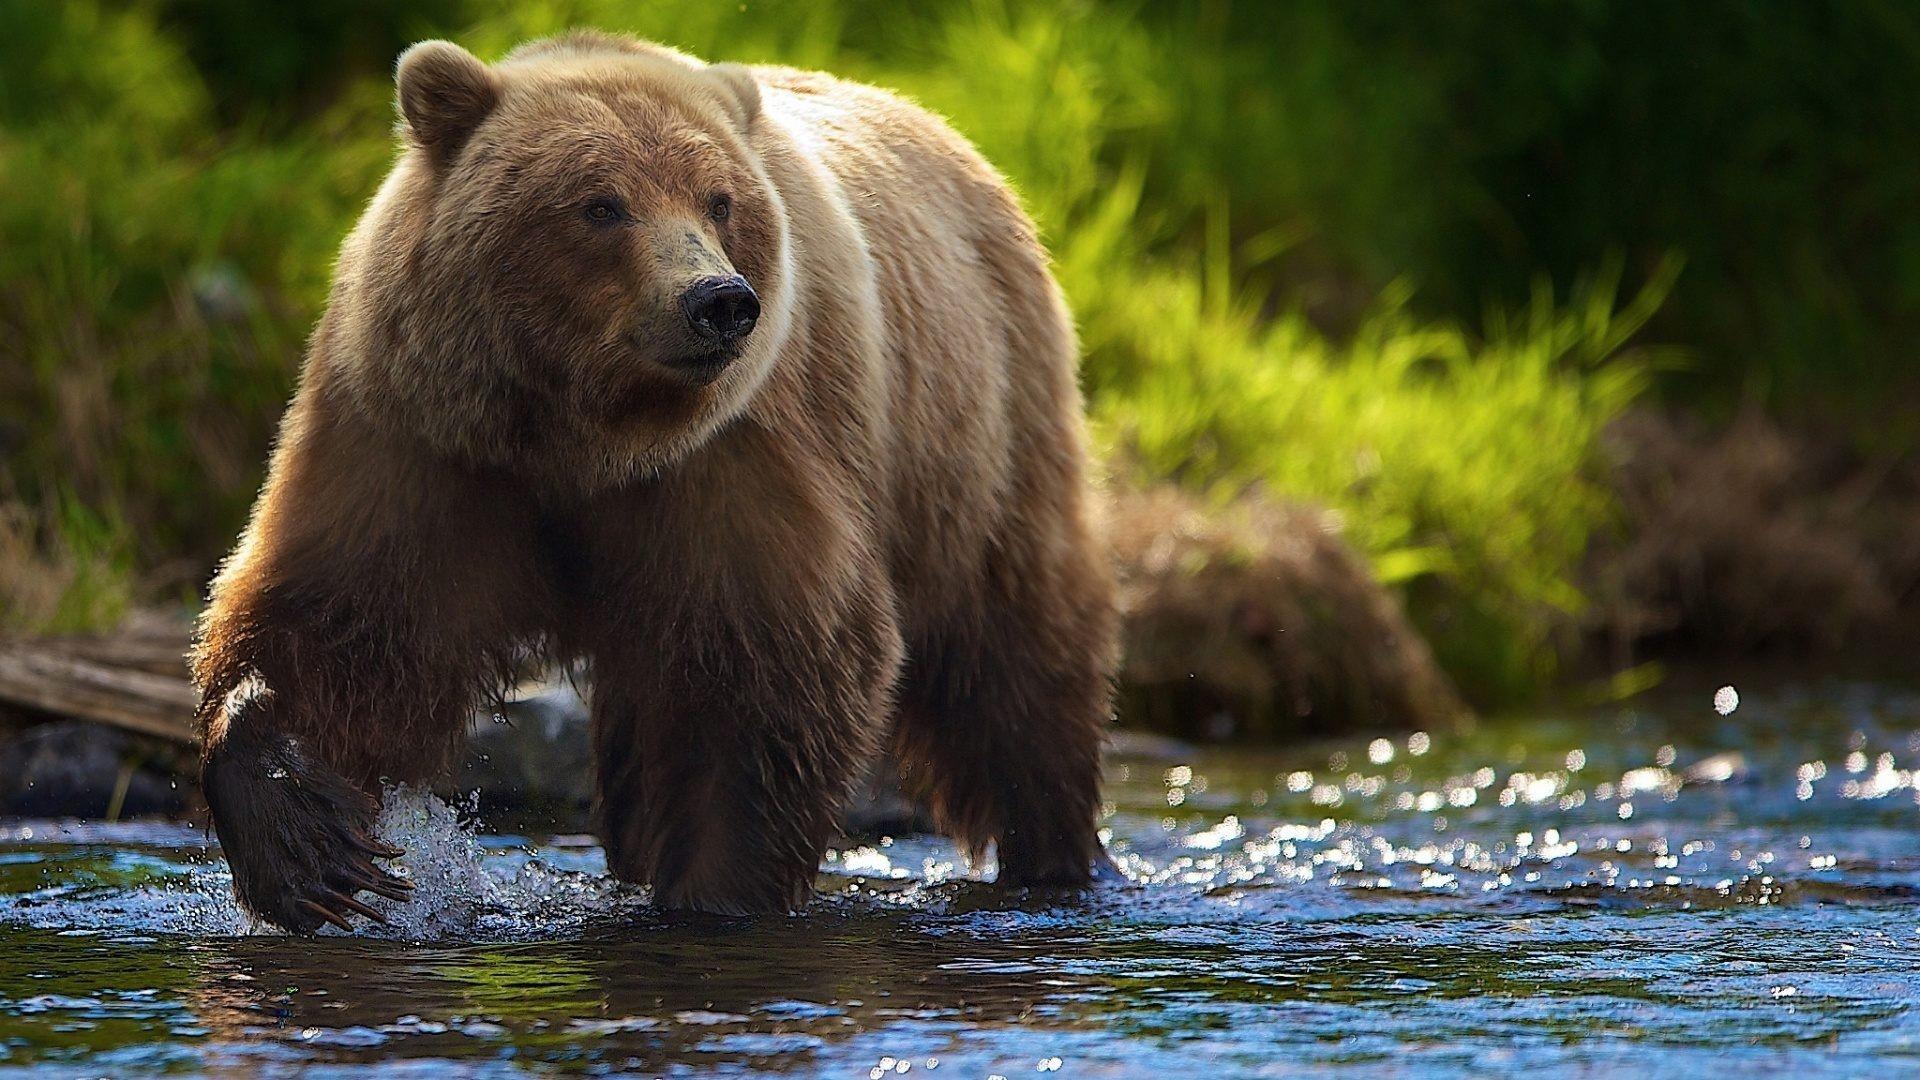 Bear Wallpaper Mobile